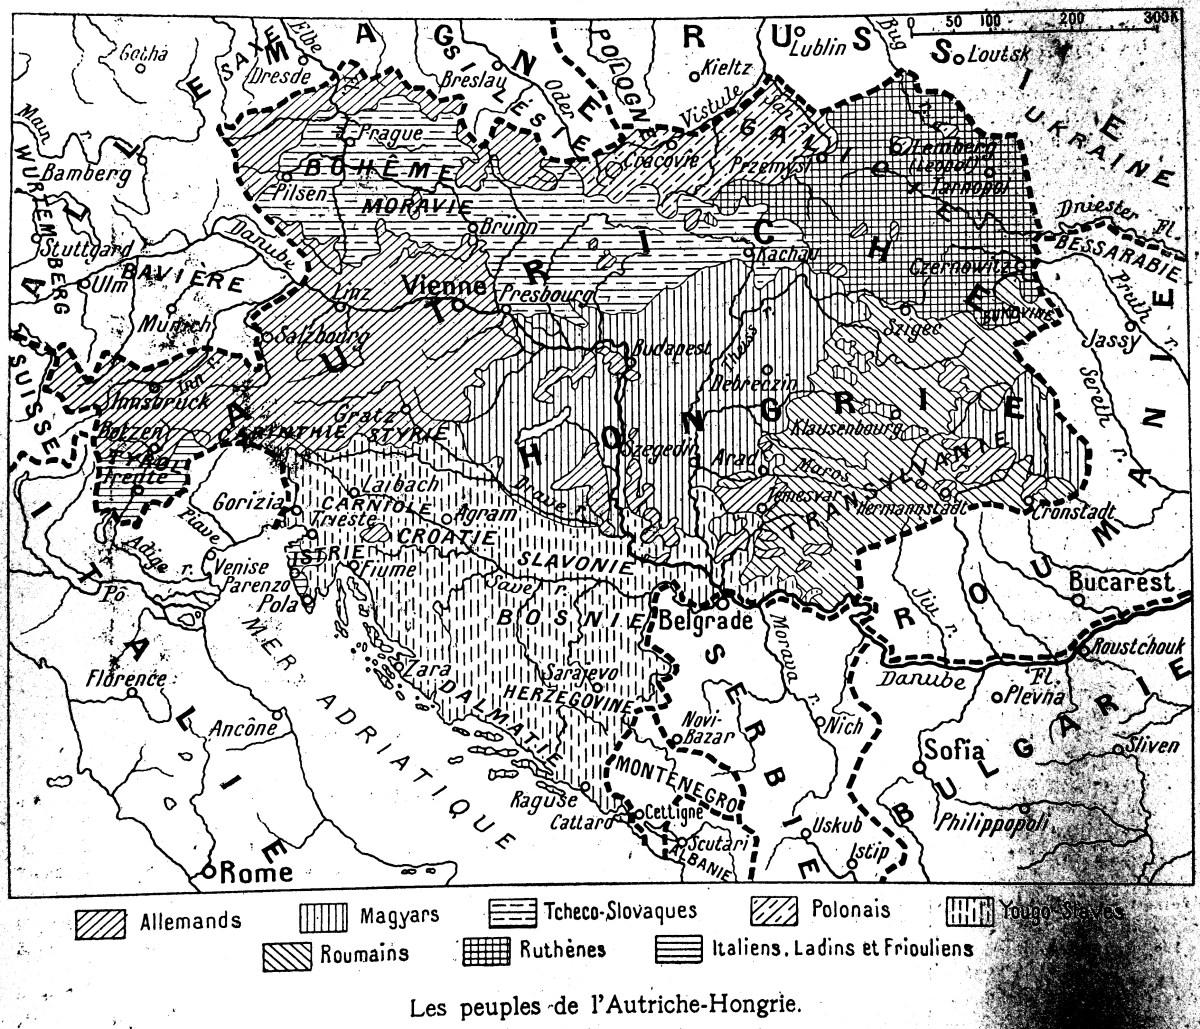 La lettre du lundi 11 novembre 1918